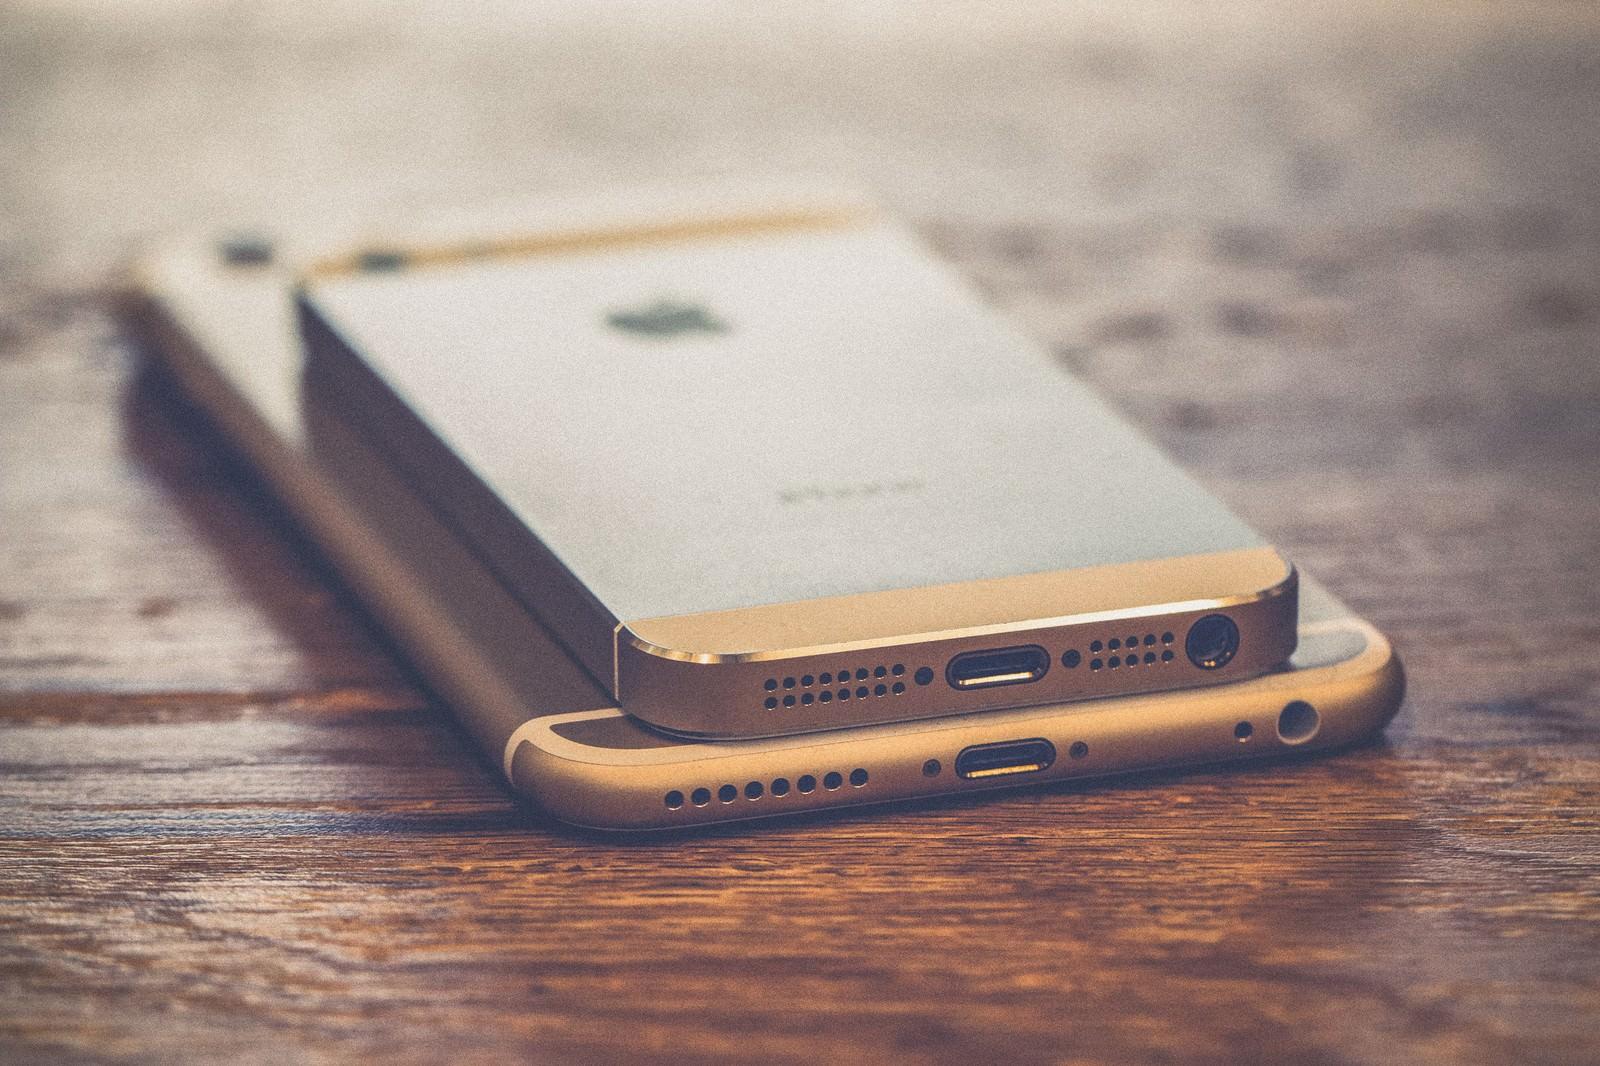 「スマートフォンのドックコネクタ」の写真